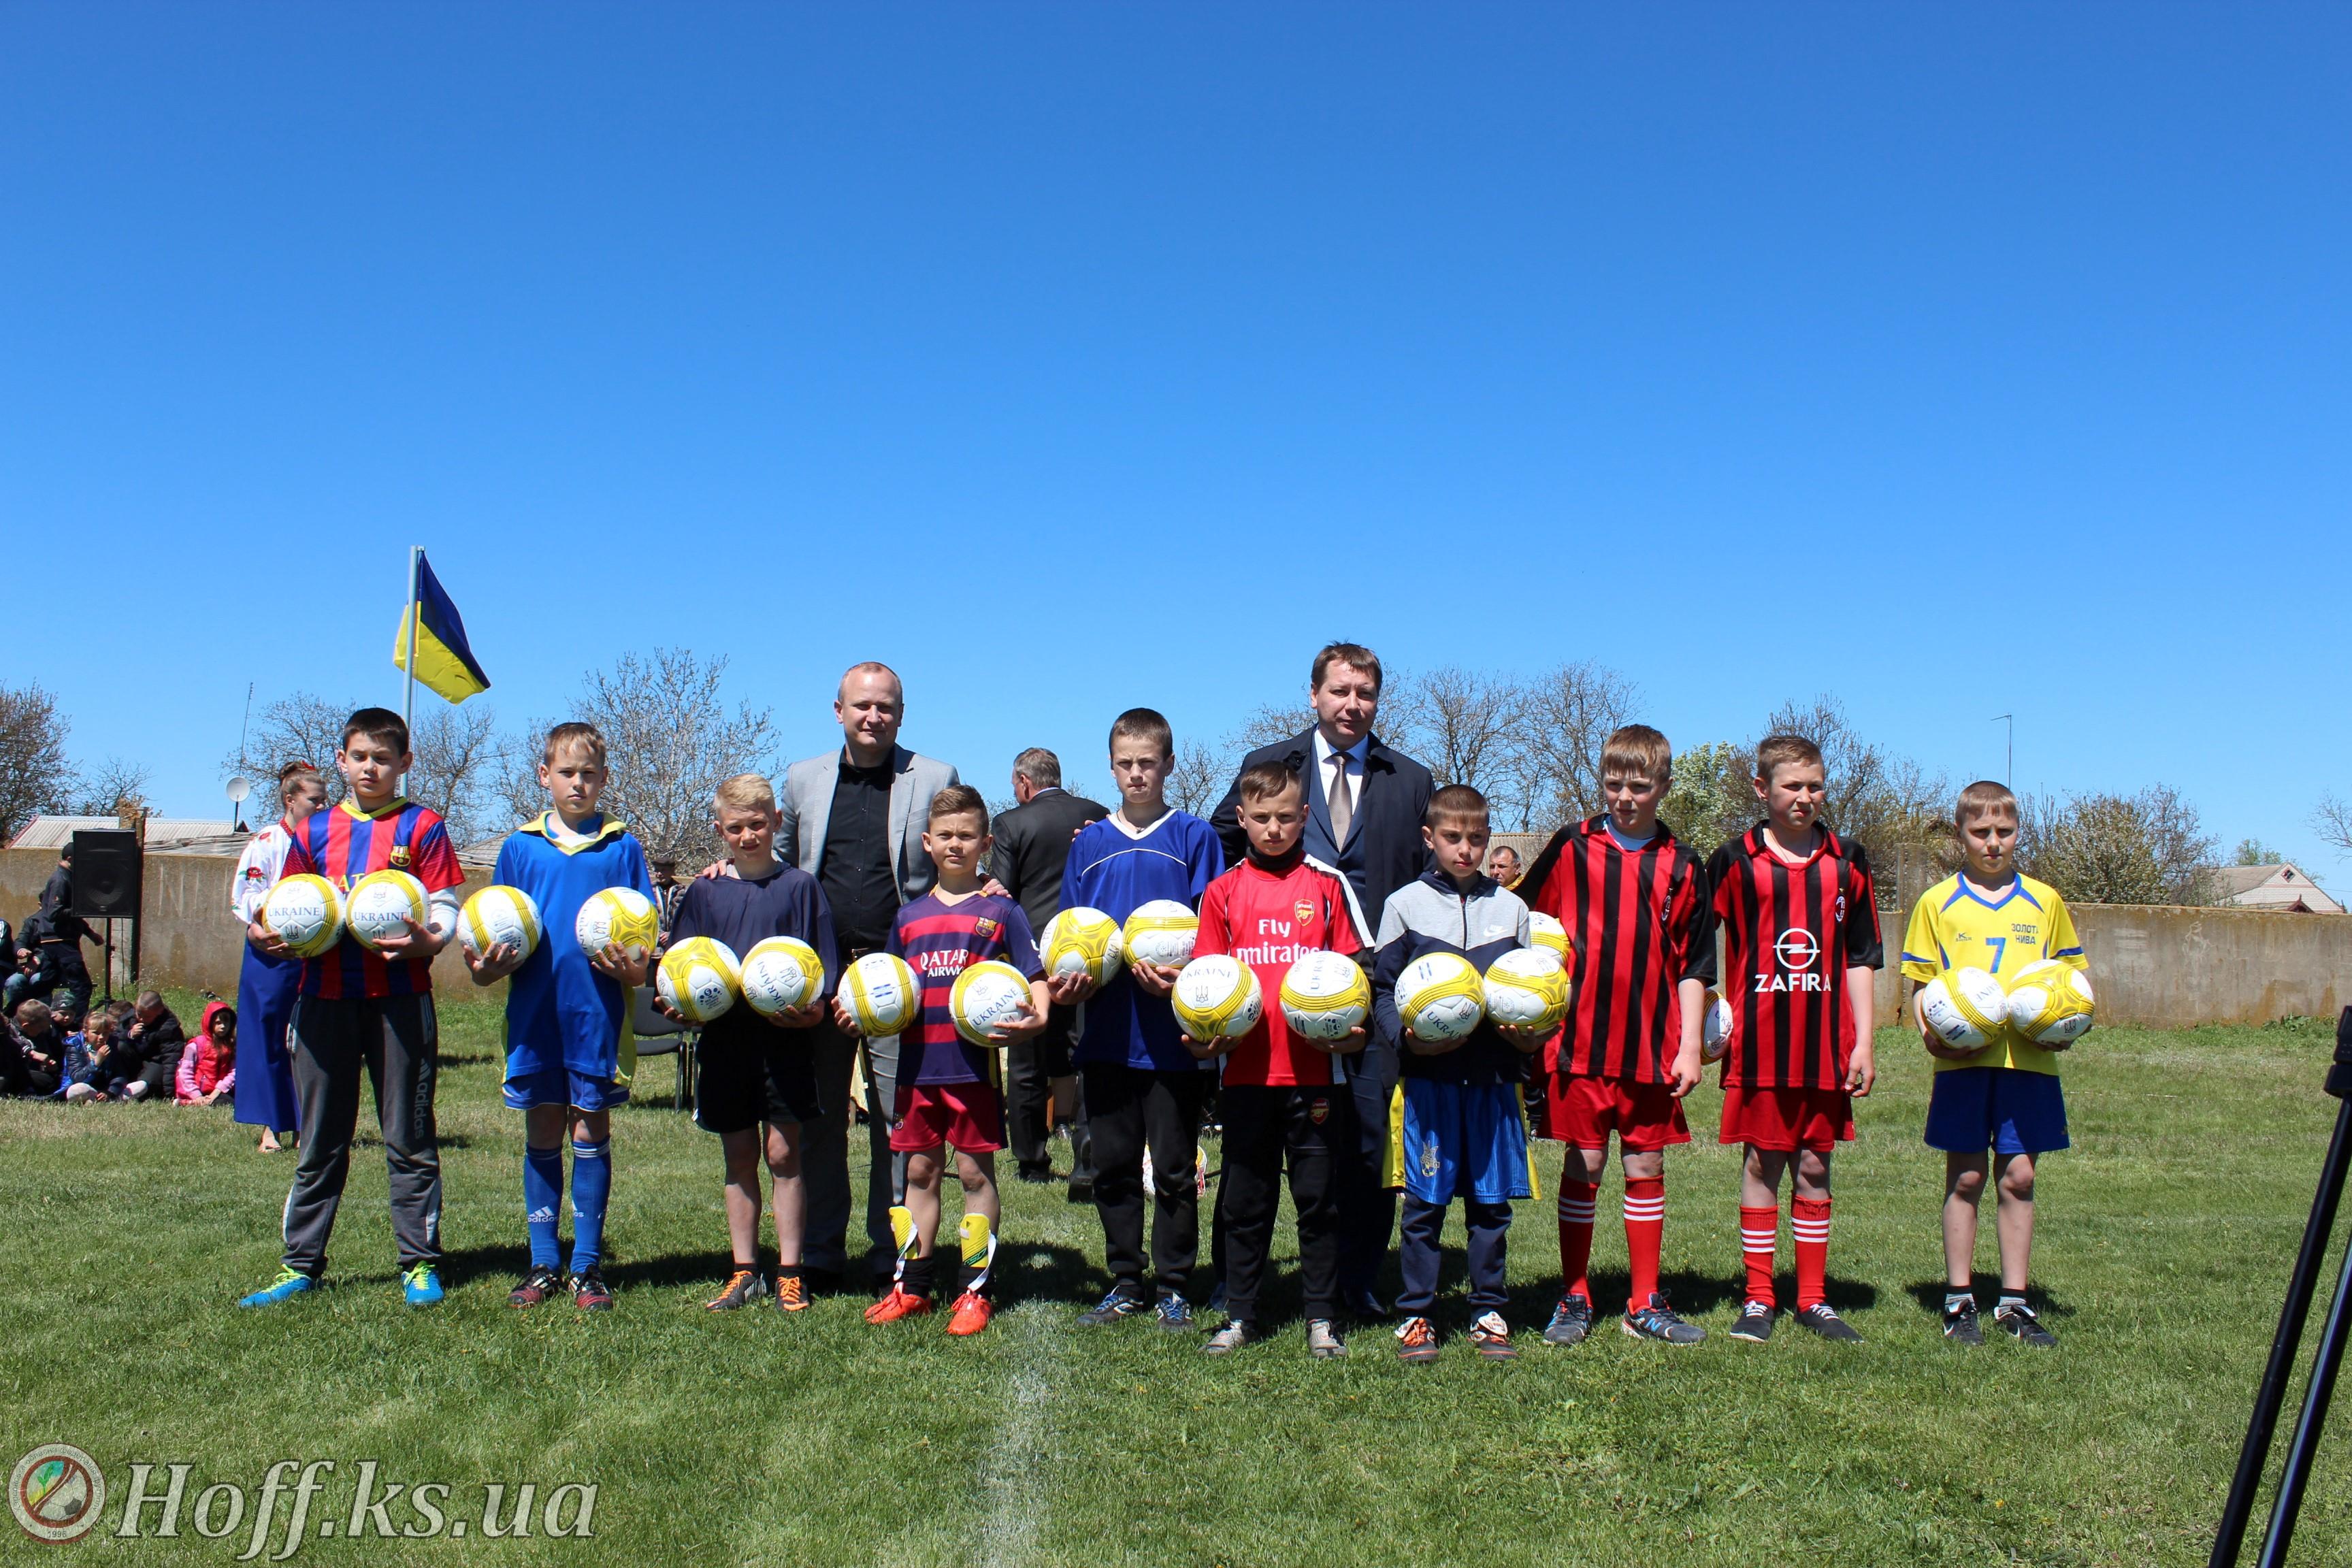 Визначено переможців ІІ етапу обласної першості з футболу «Шкіряний м'яч» на Херсонщині